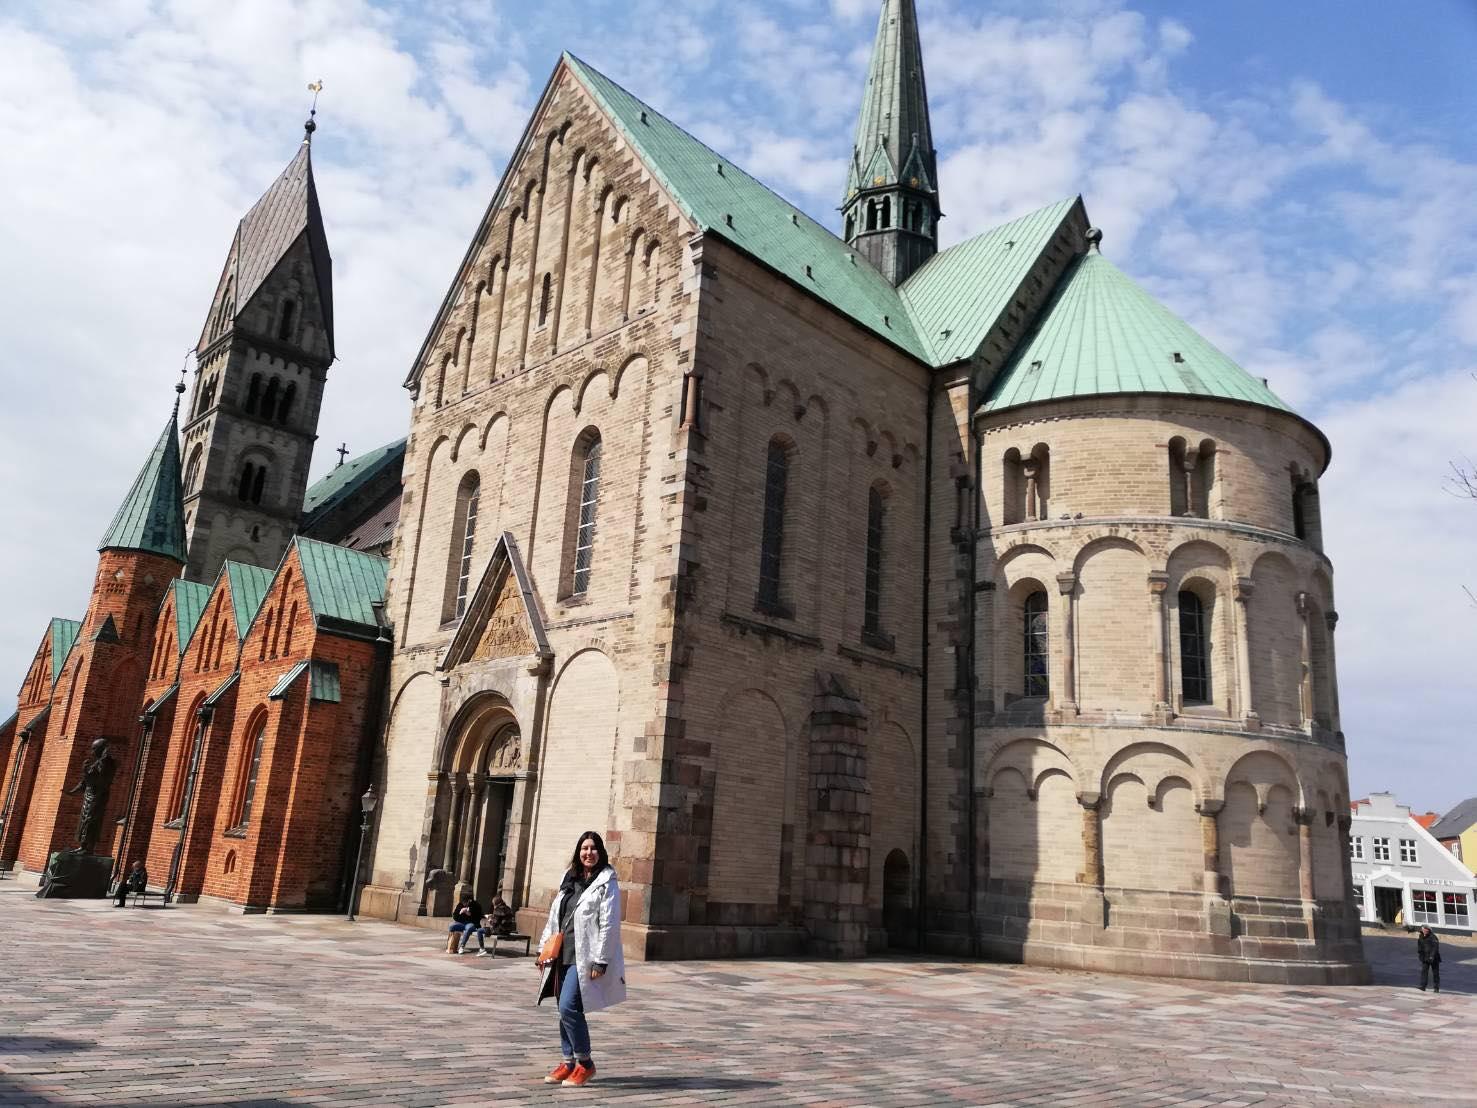 Наташа Бирюкова в Дании. Из личного архива героини